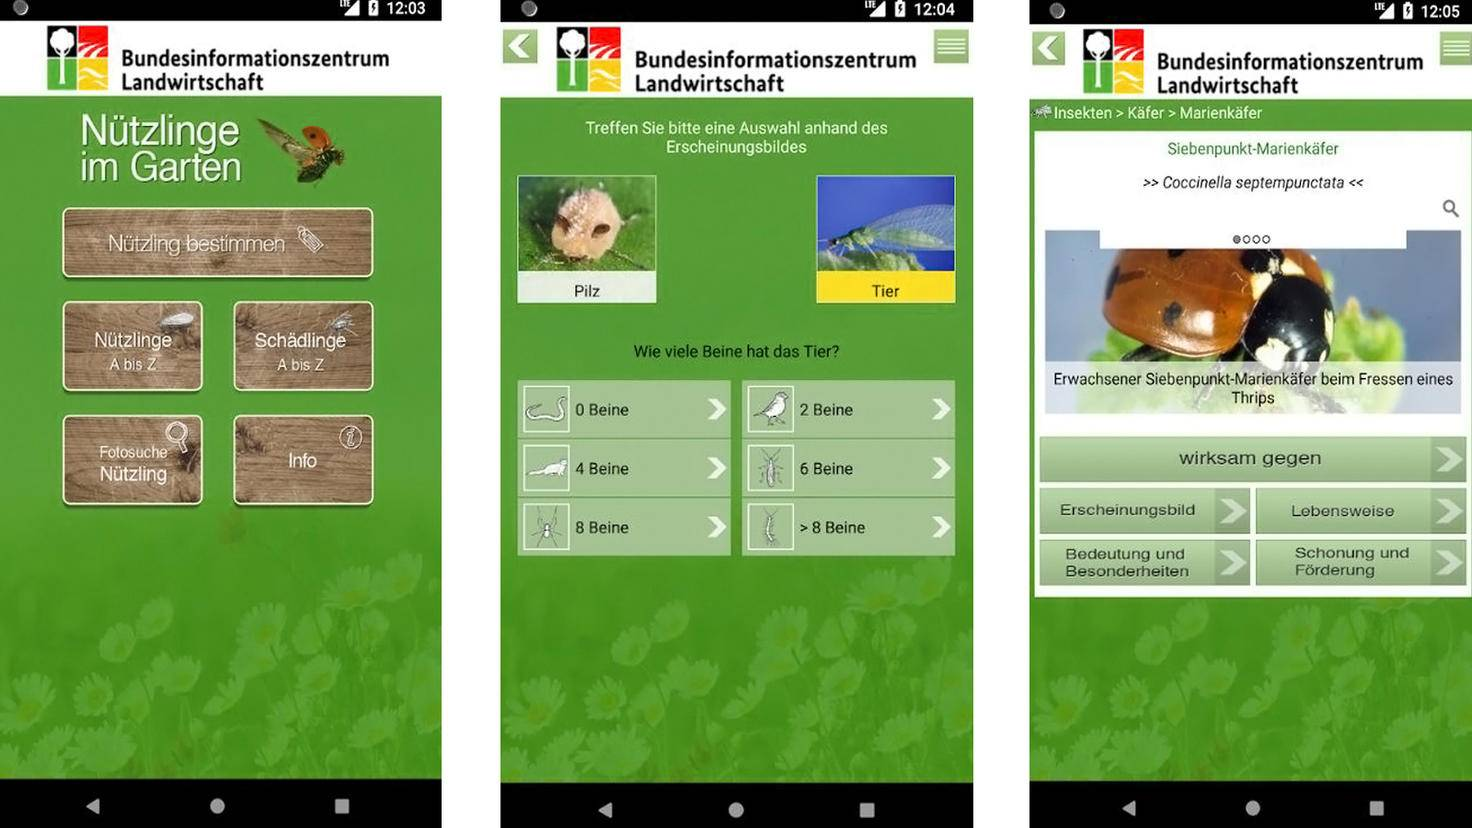 Insectes bénéfiques dans le jardin App-Google Play Store-Agence fédérale pour l'agriculture et l'alimentation